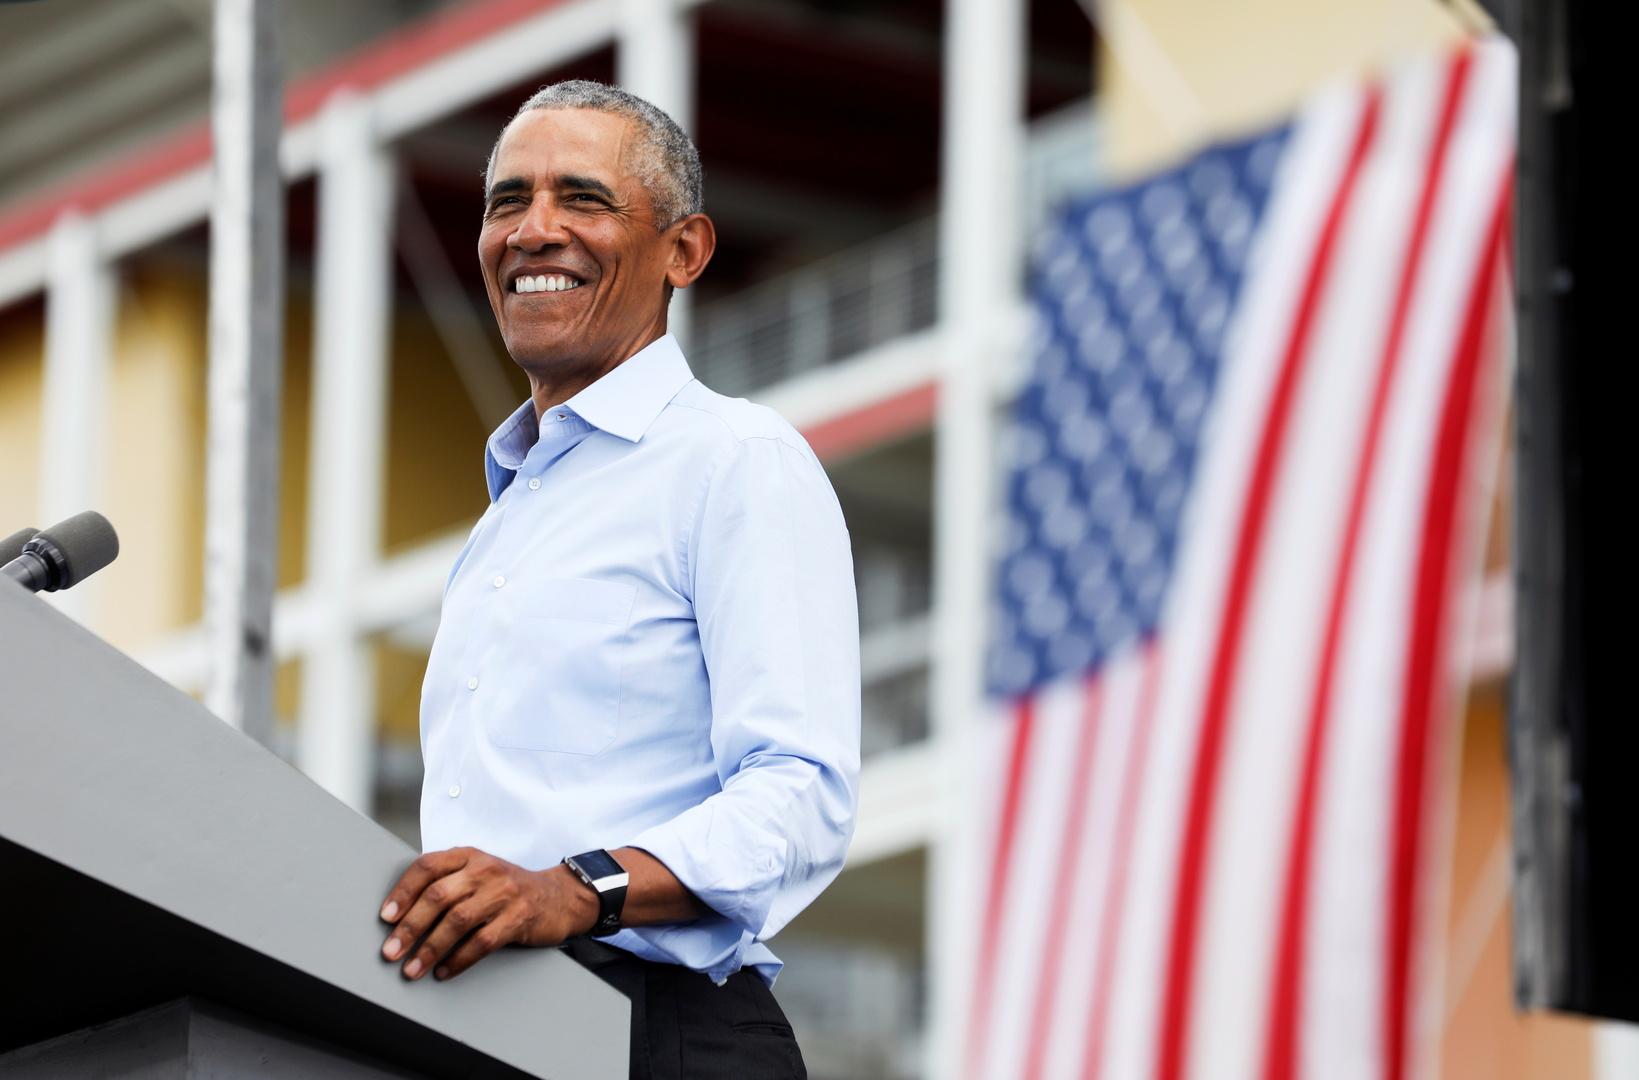 لم يلبسه ولا مرة واحدة..عرض حذاء أوباما للبيع بسعر ضخم